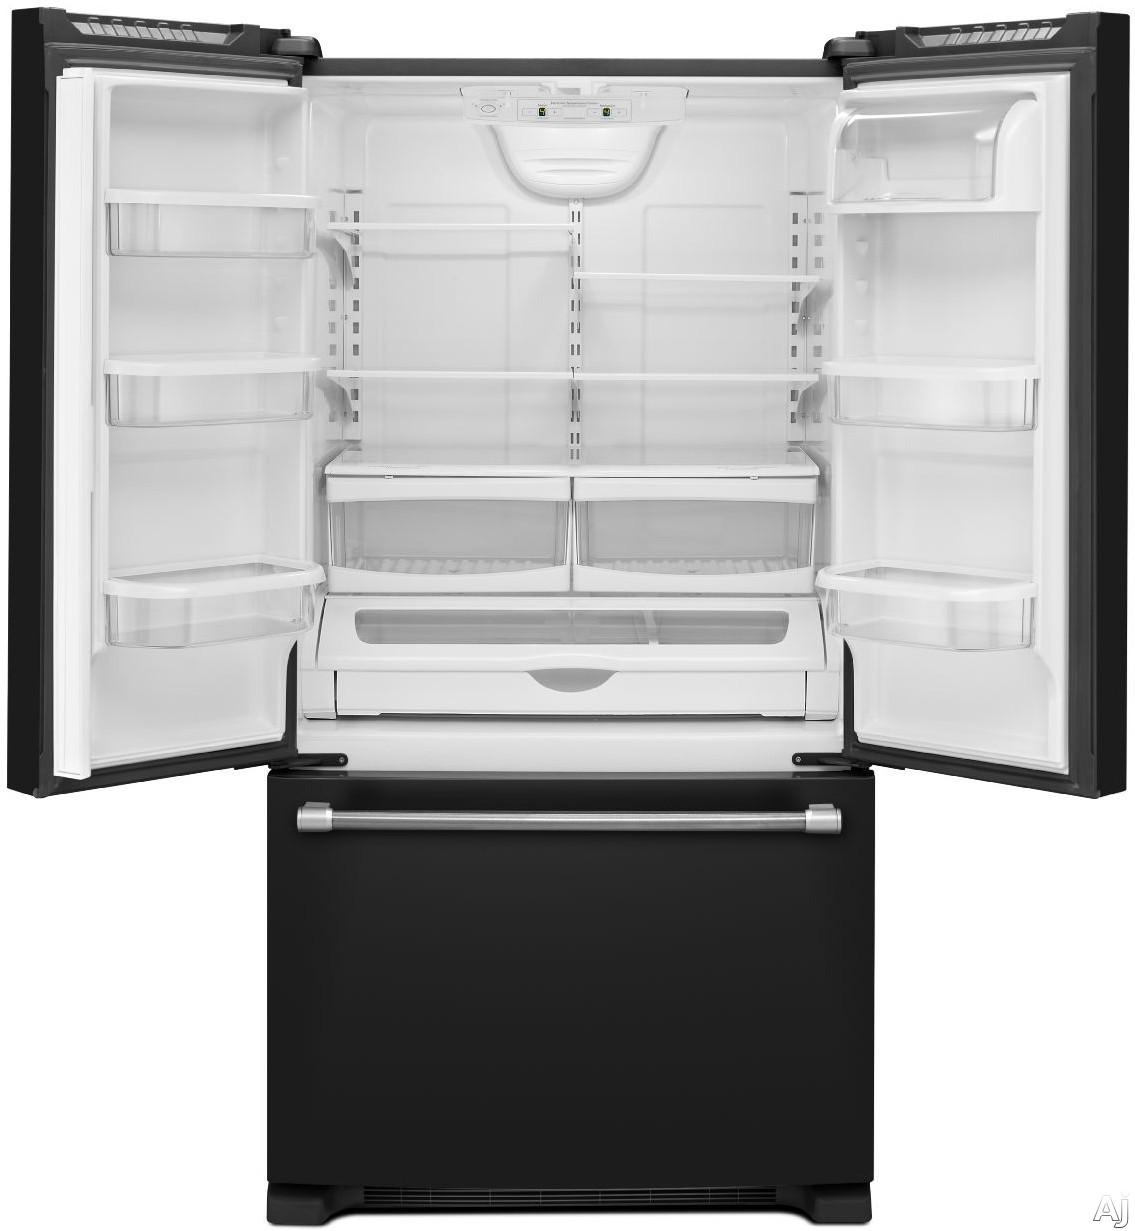 frigidaire gallery refrigerator fghb2866pf manual